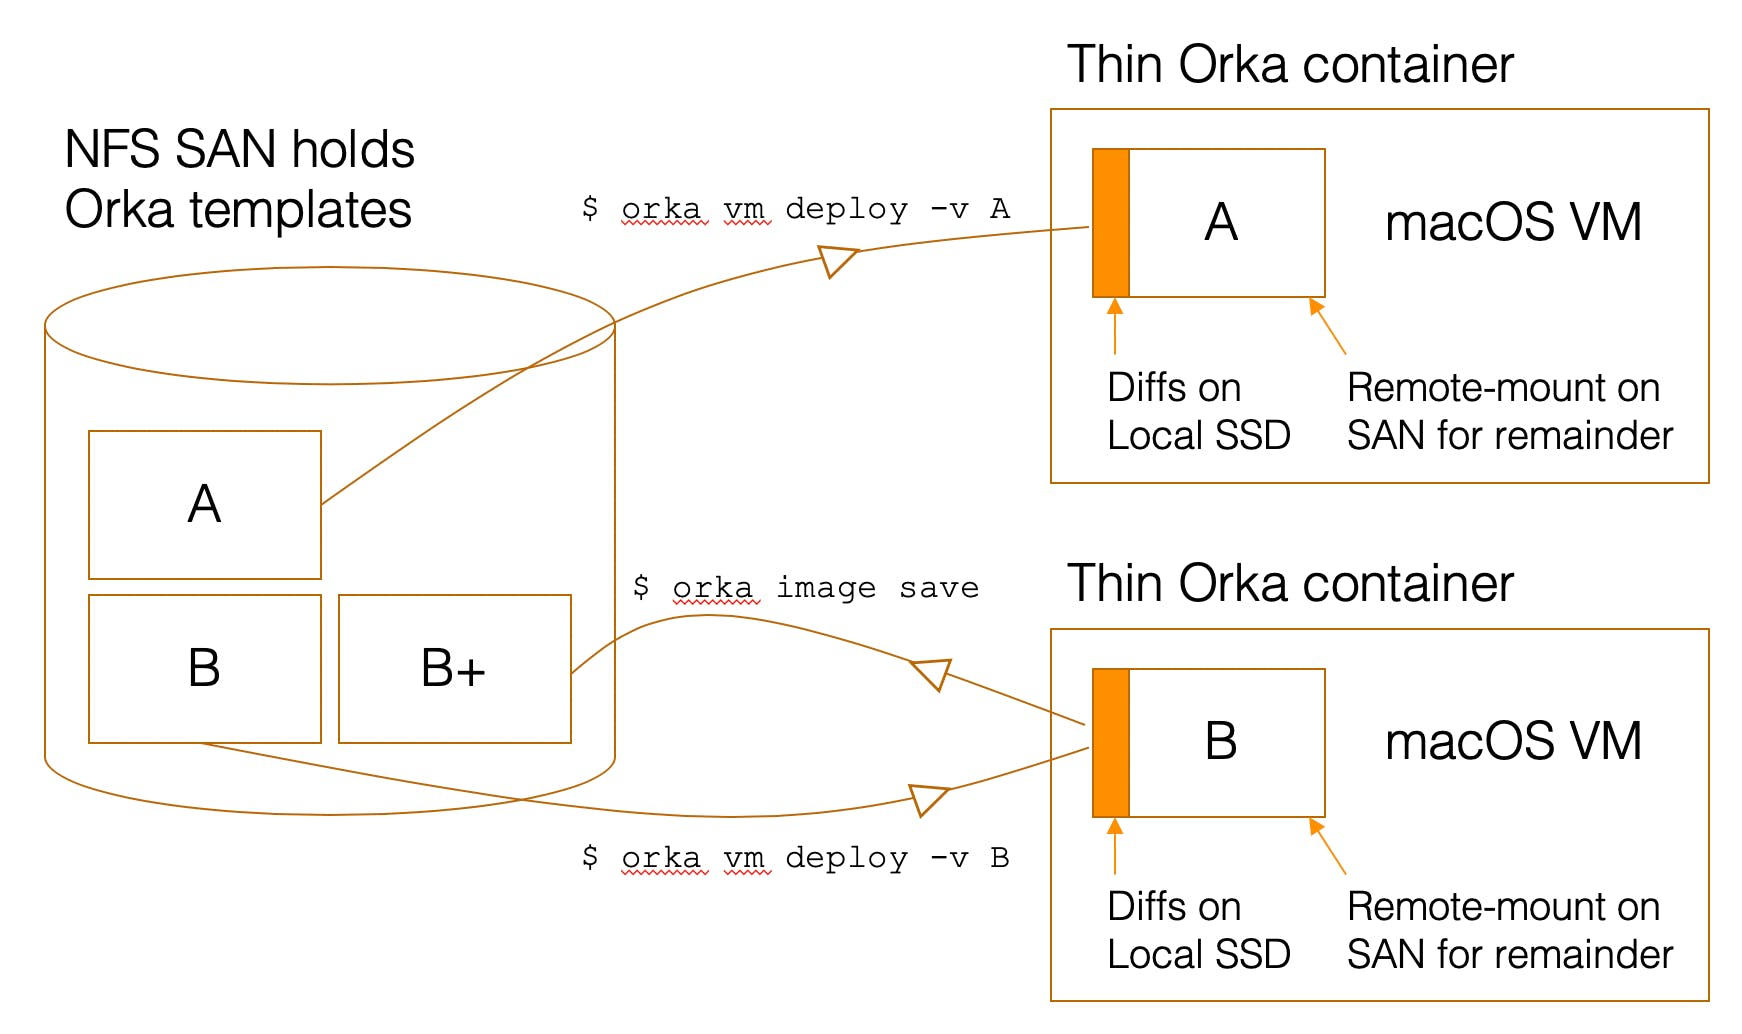 Diagram showing orka vm deploy vs orka image save